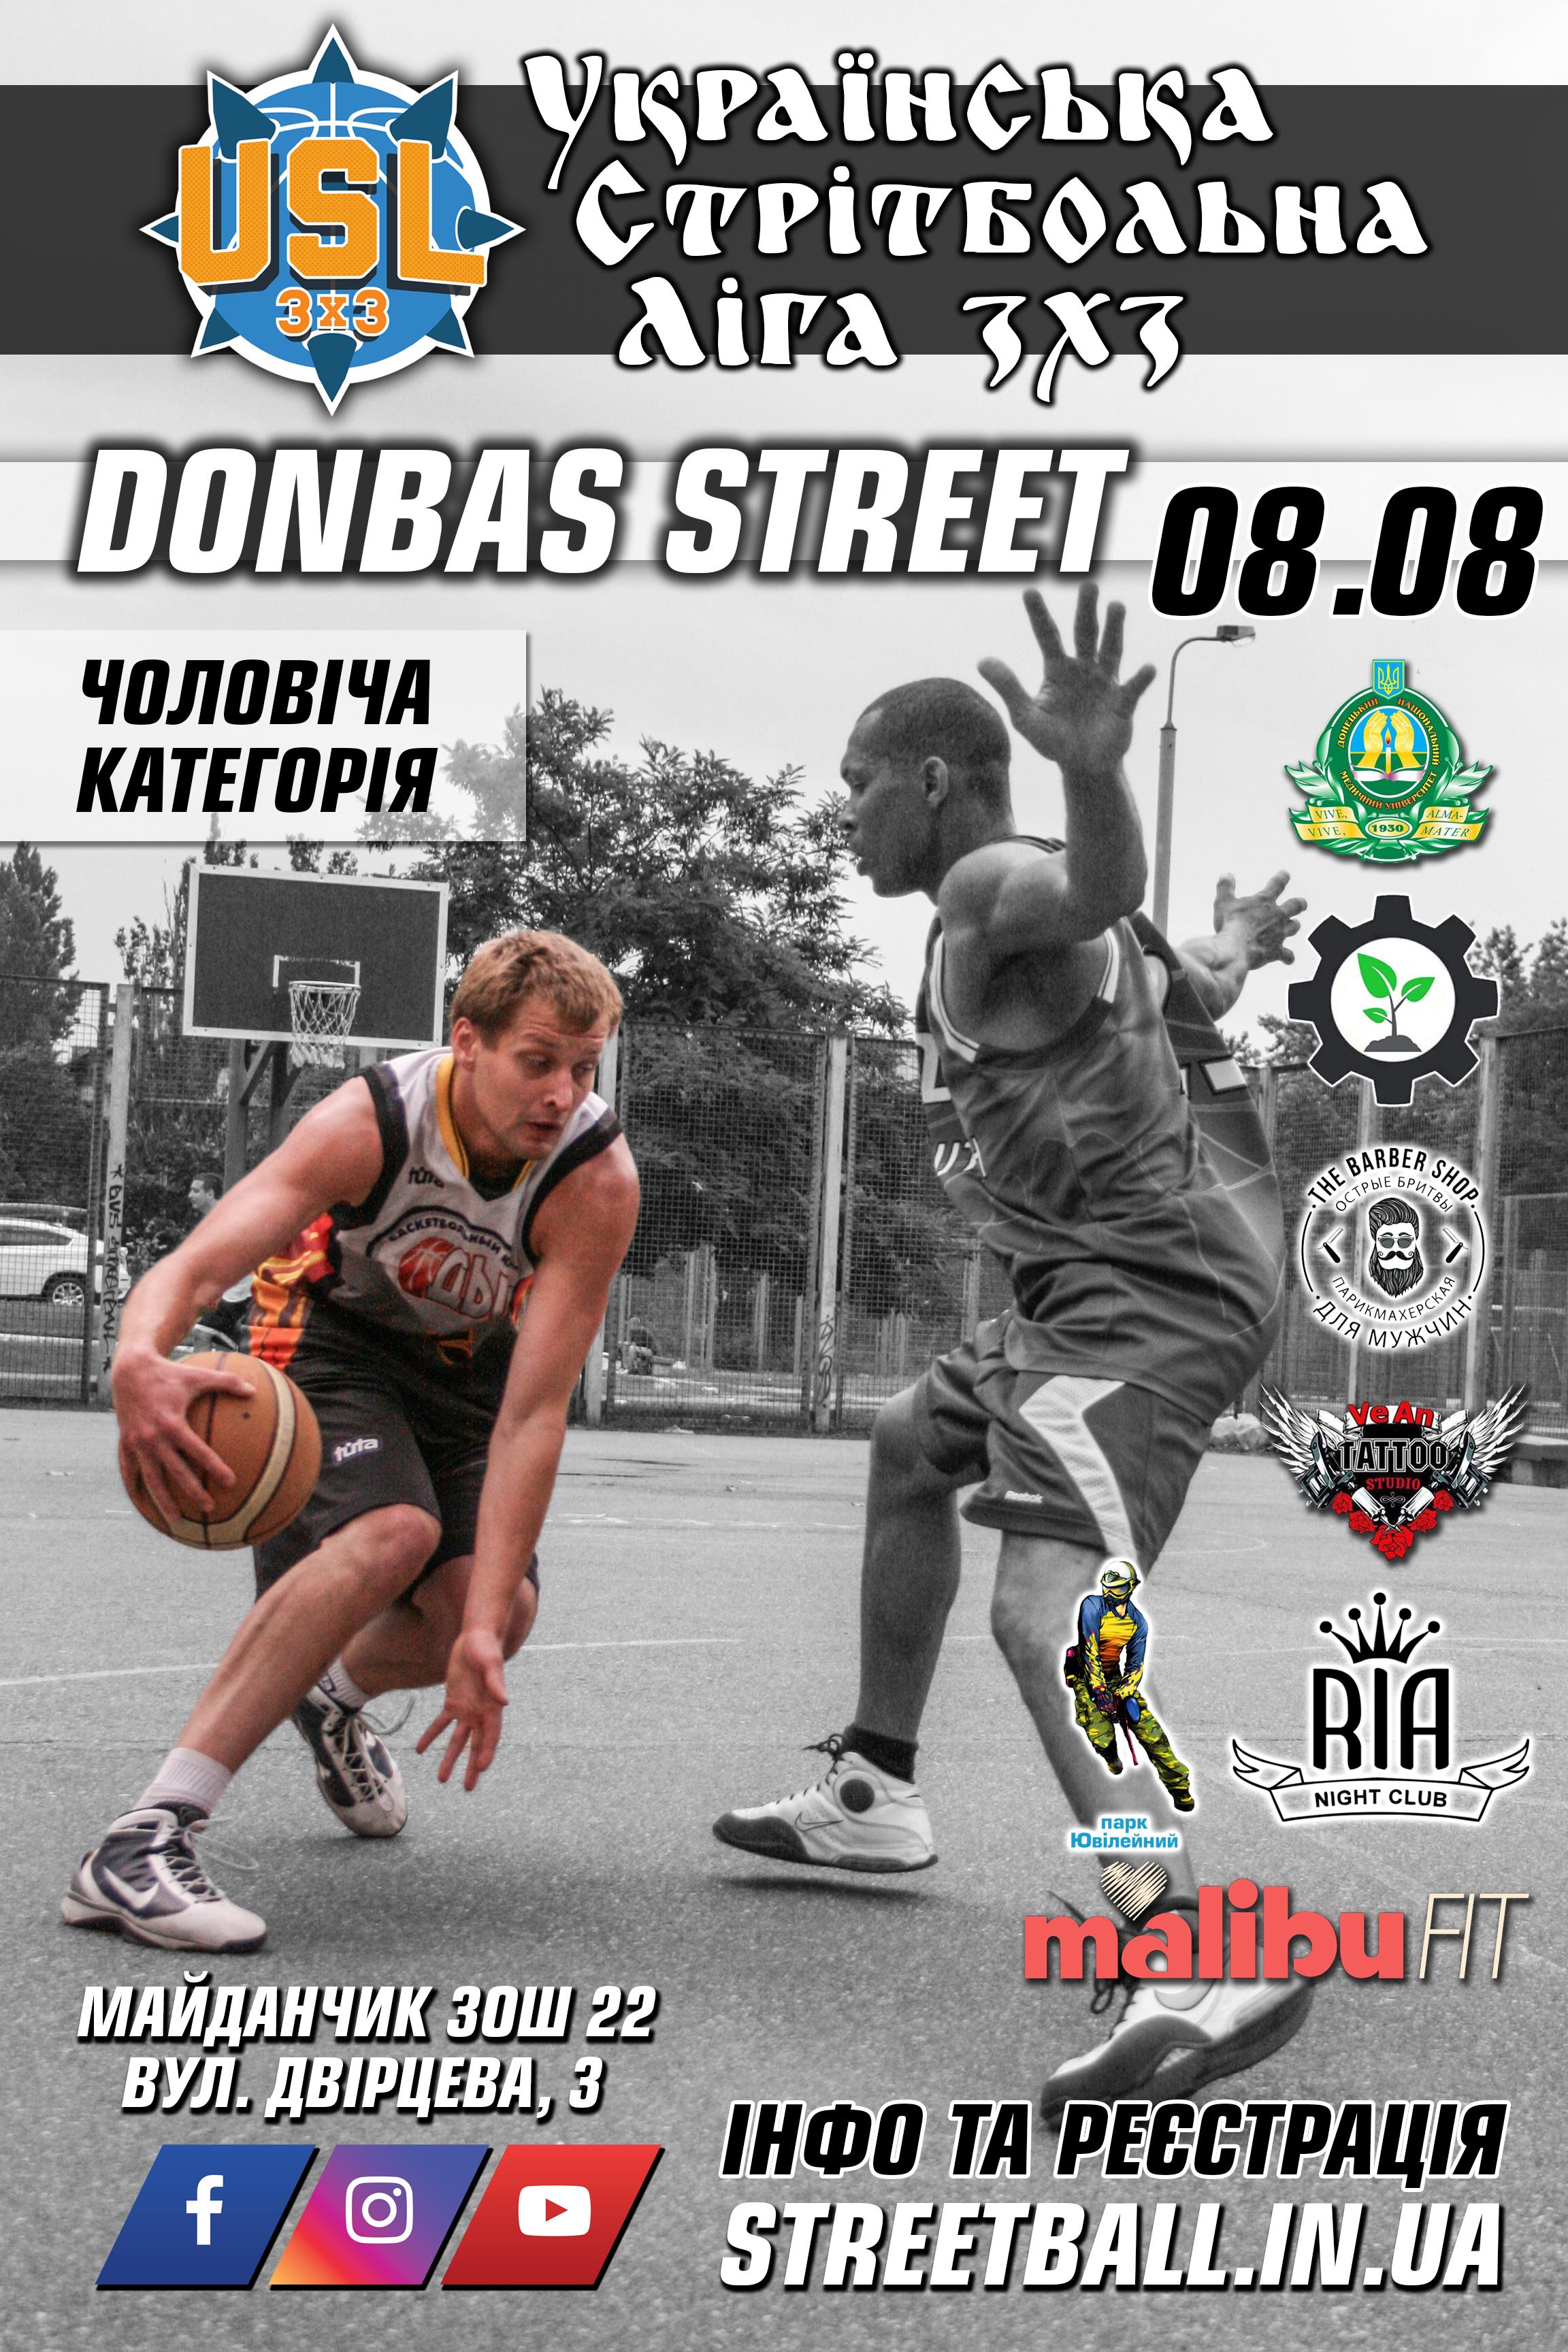 Donbas Street / Краматорськ